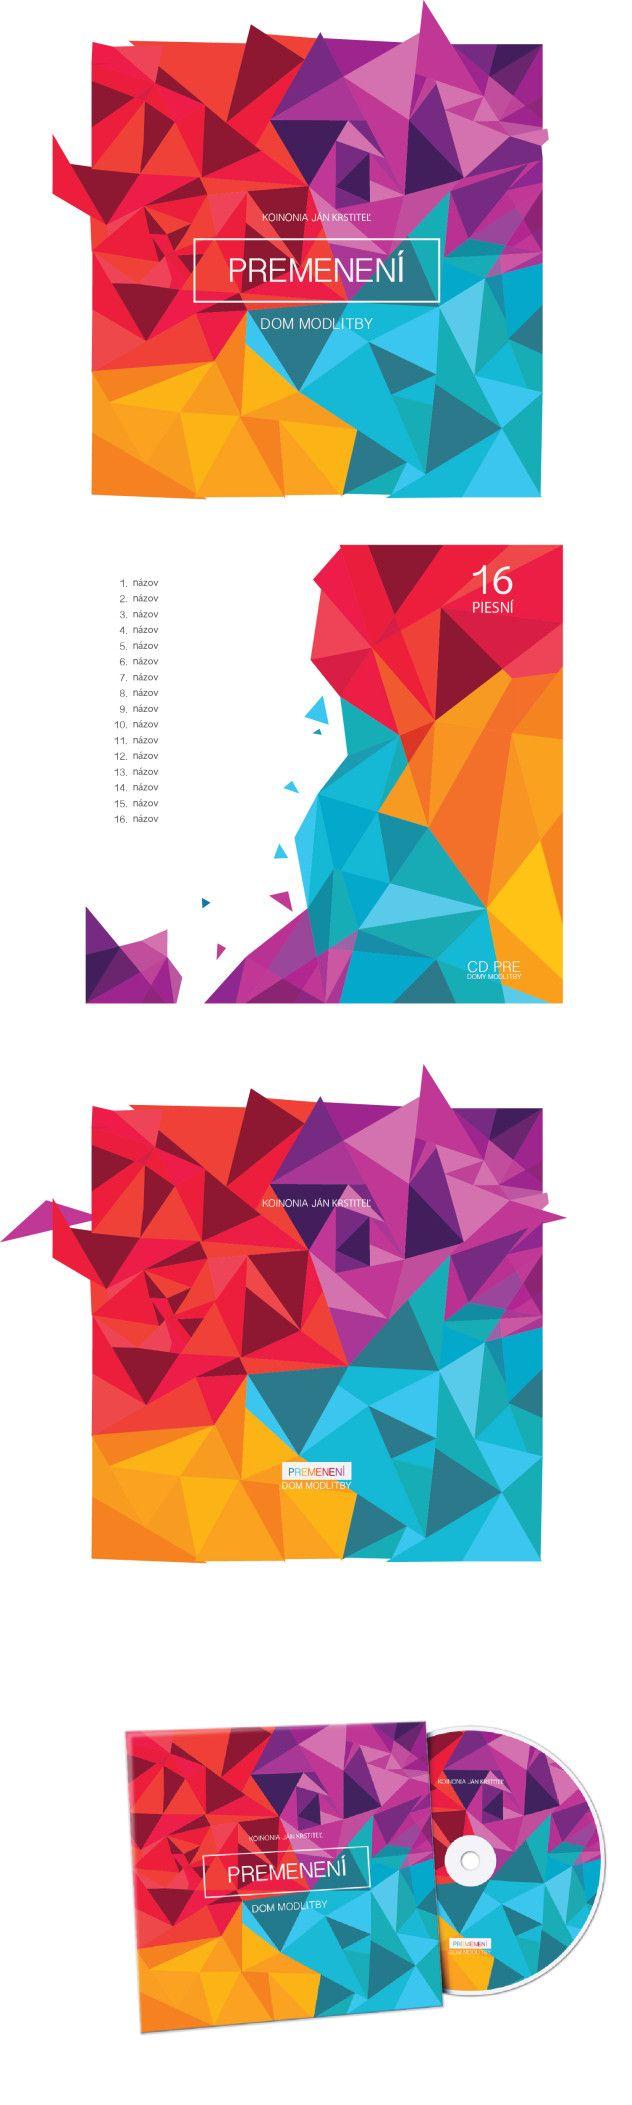 dizajn CD cover